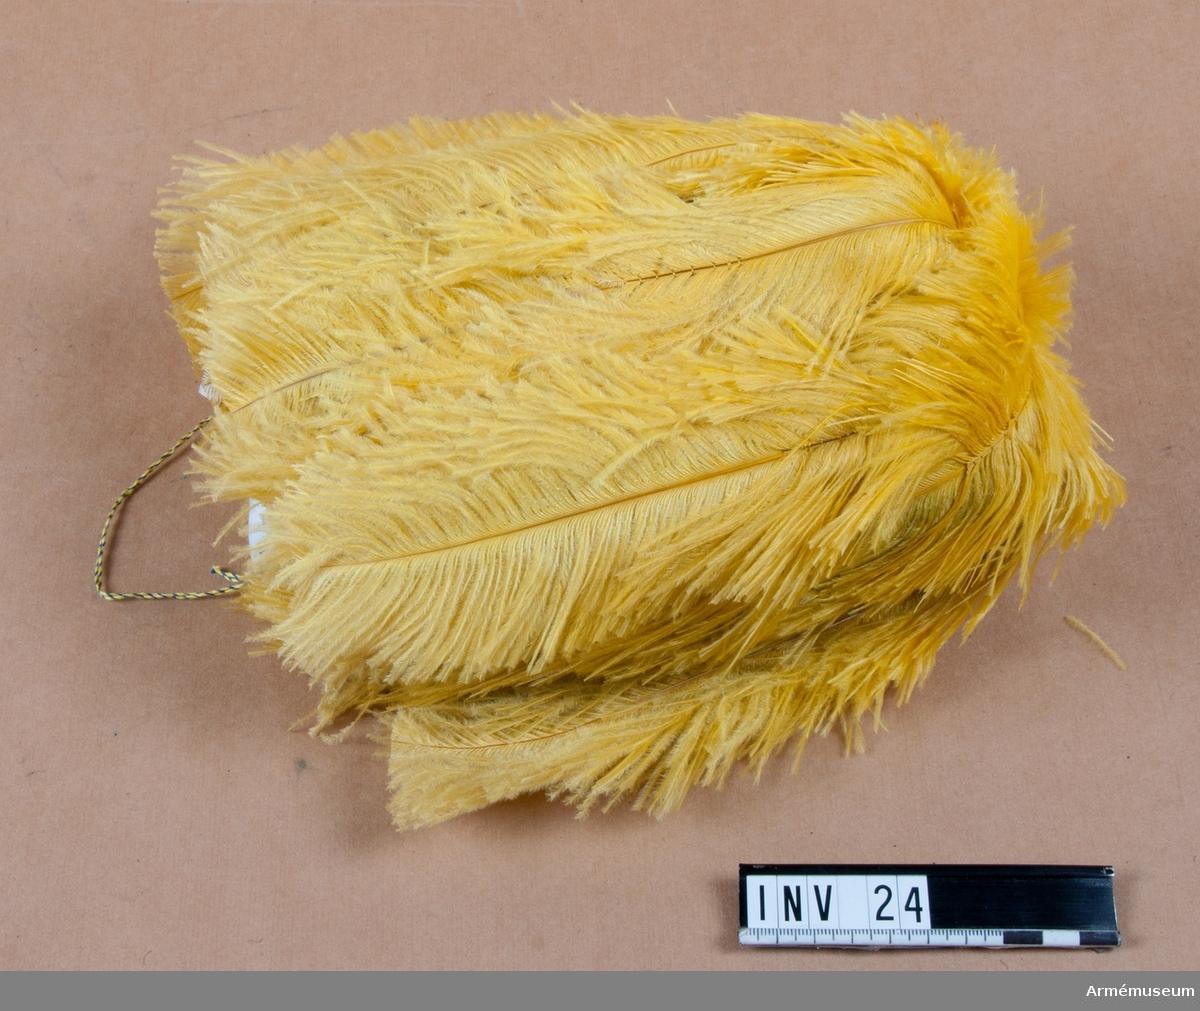 Samhörande nr till gåvan är 1-119 (18-27).Plym m/1845 t bicorne, general, generalitetet.Till trekantig hatt m/1854-59 med tillhörande ask. Hängande gula strutsfjädrar ooch blå strutsfjädrar. De gula täckande de blå. Snedskuren. Anordning för fasthäktning på bicorne m/1854-59, tillverkad av mässing, tvinnad. Upptill lindad med remsa av svart vaxduk.Har tillhört Gustav VI Adolf (1882-1973).